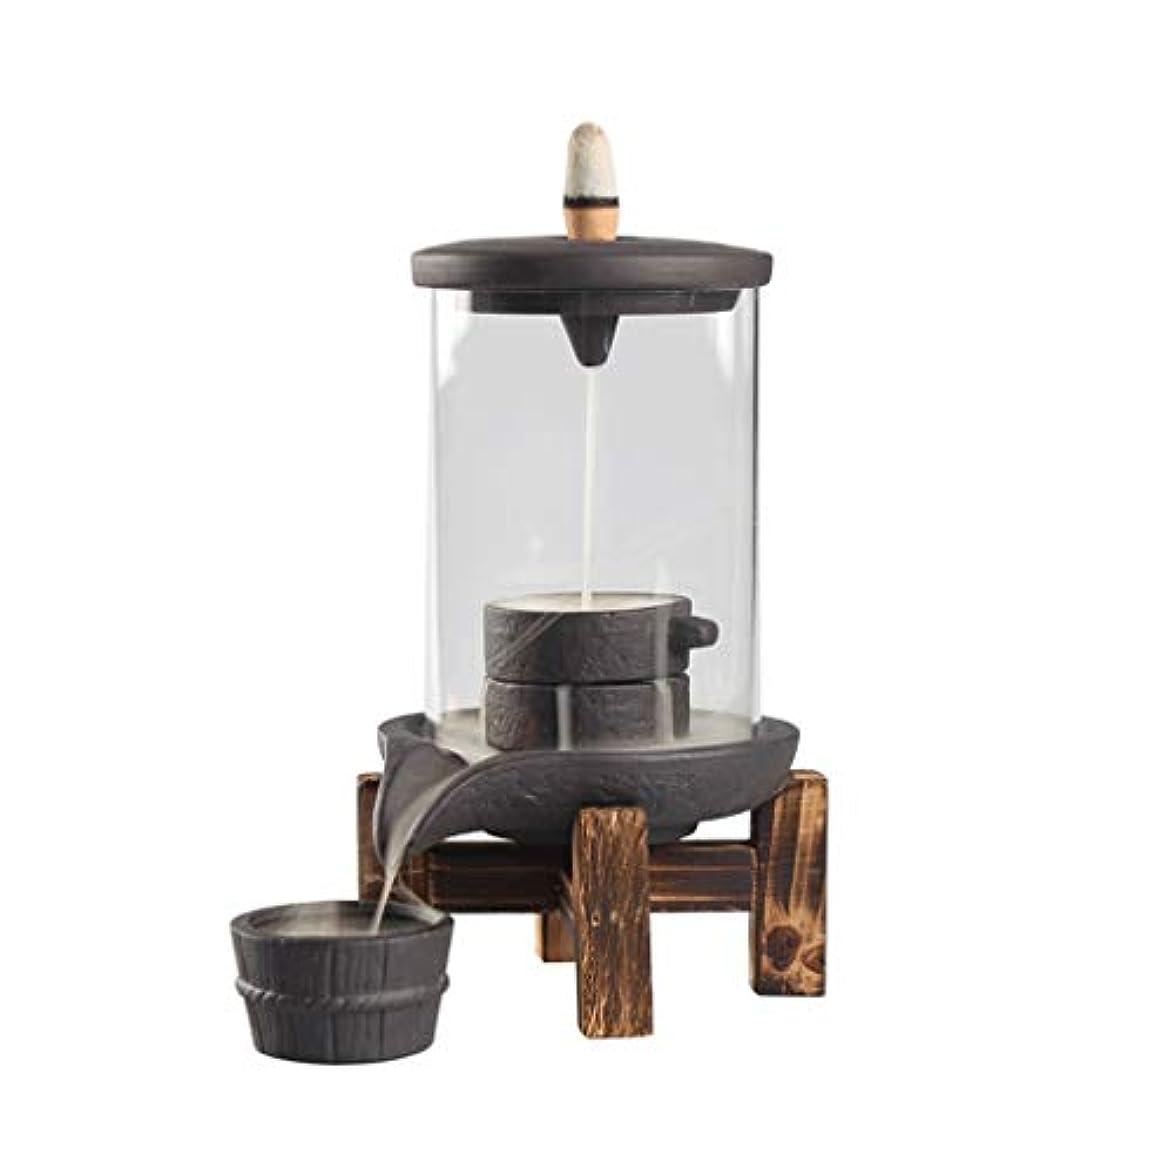 気楽なスクラップブックジェット逆流ガラス香のホールダー縦の寒天の陶磁器の香バーナーの儀式空気浄化の香の床の香のホールダー (Color : Black, サイズ : 3.74*6.7INCHS)